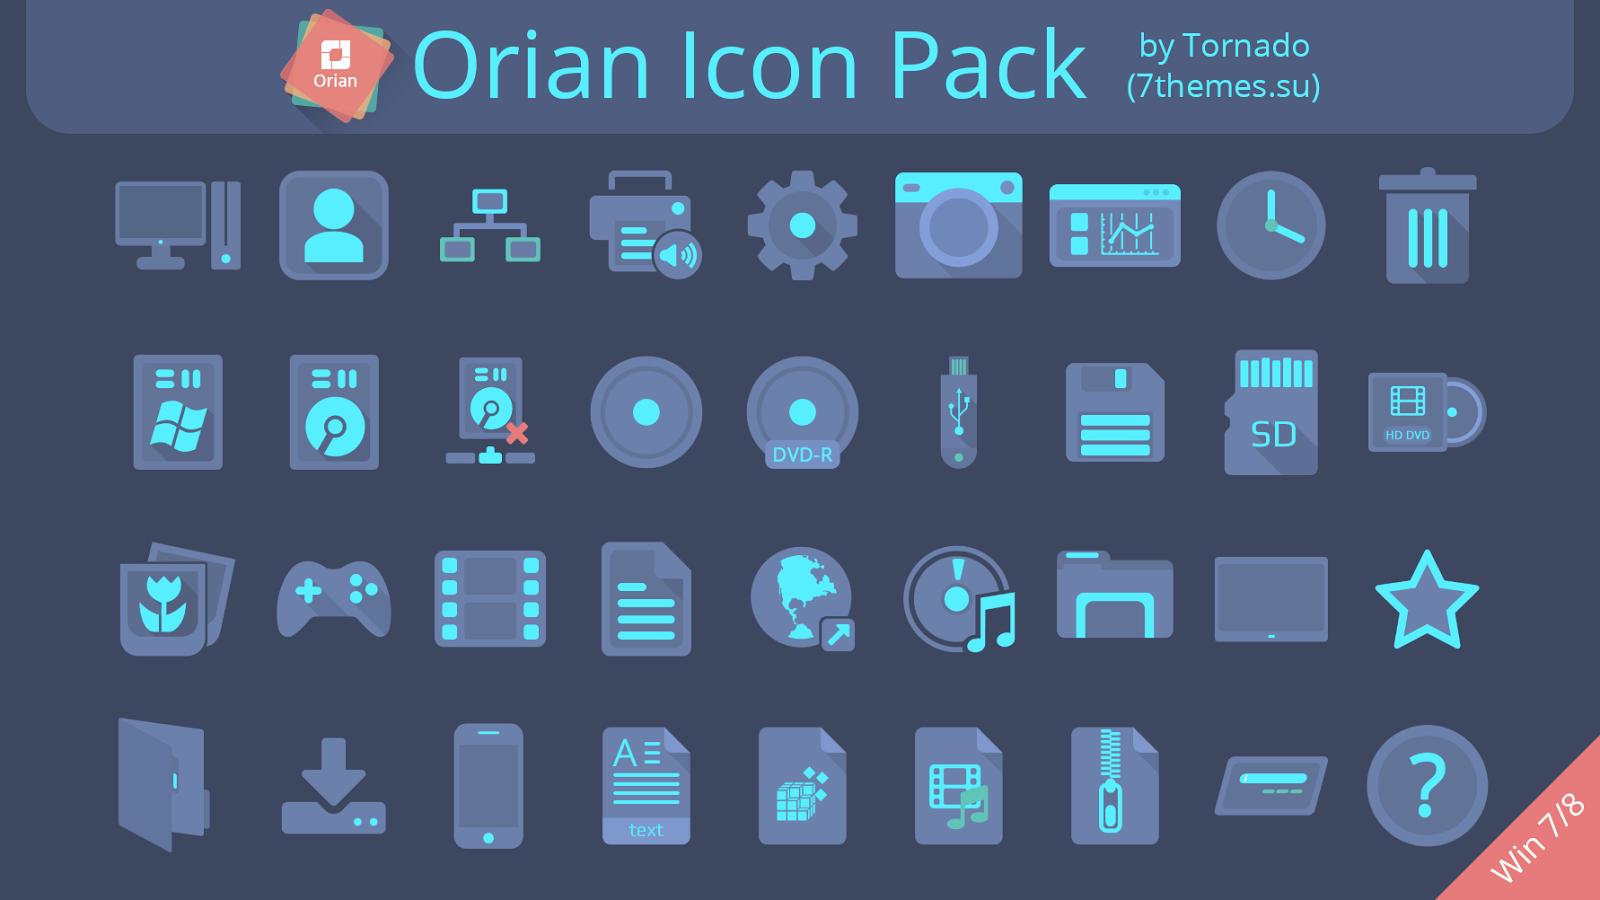 Orian Icon Pack 7tsp installer Cleodesktop Mod Desktop